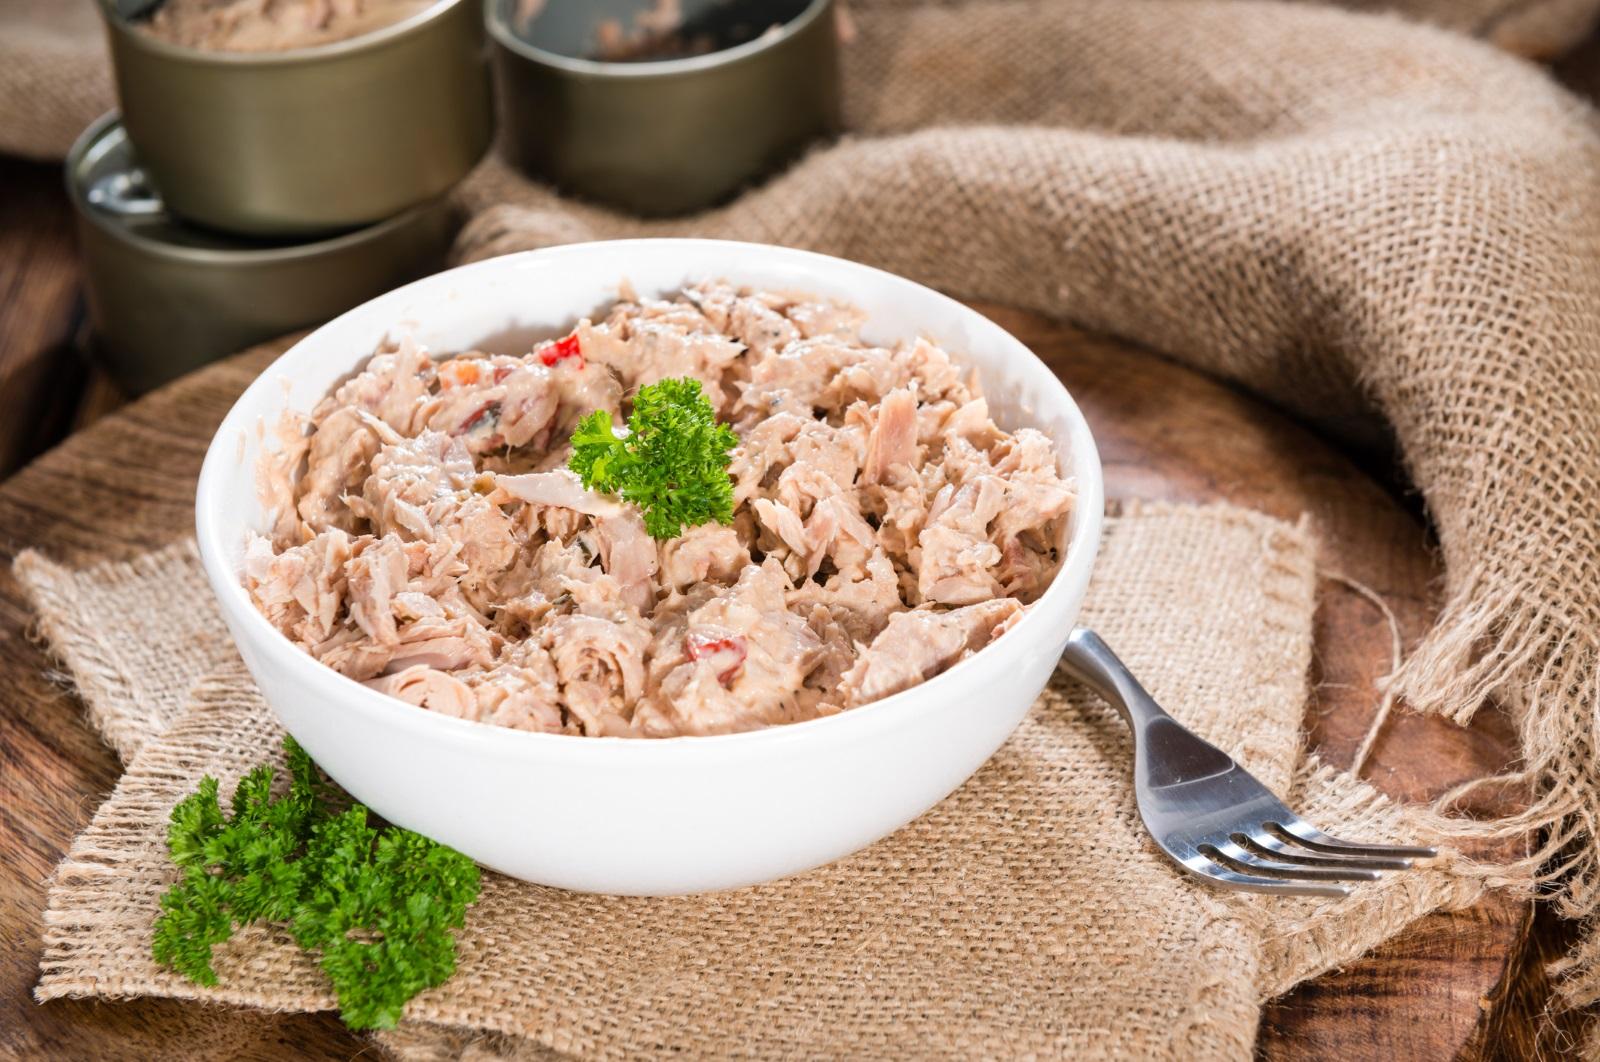 Забравете за сьомгата, защото тя далеч не е единственият източник на омега-3 мастни киселини. Риба тон, сом, шаран, бяла риба също са варианти да си доставите така необходимите мононенаситени мастни киселини, които са полезни за сърцето и кръвното налягане.